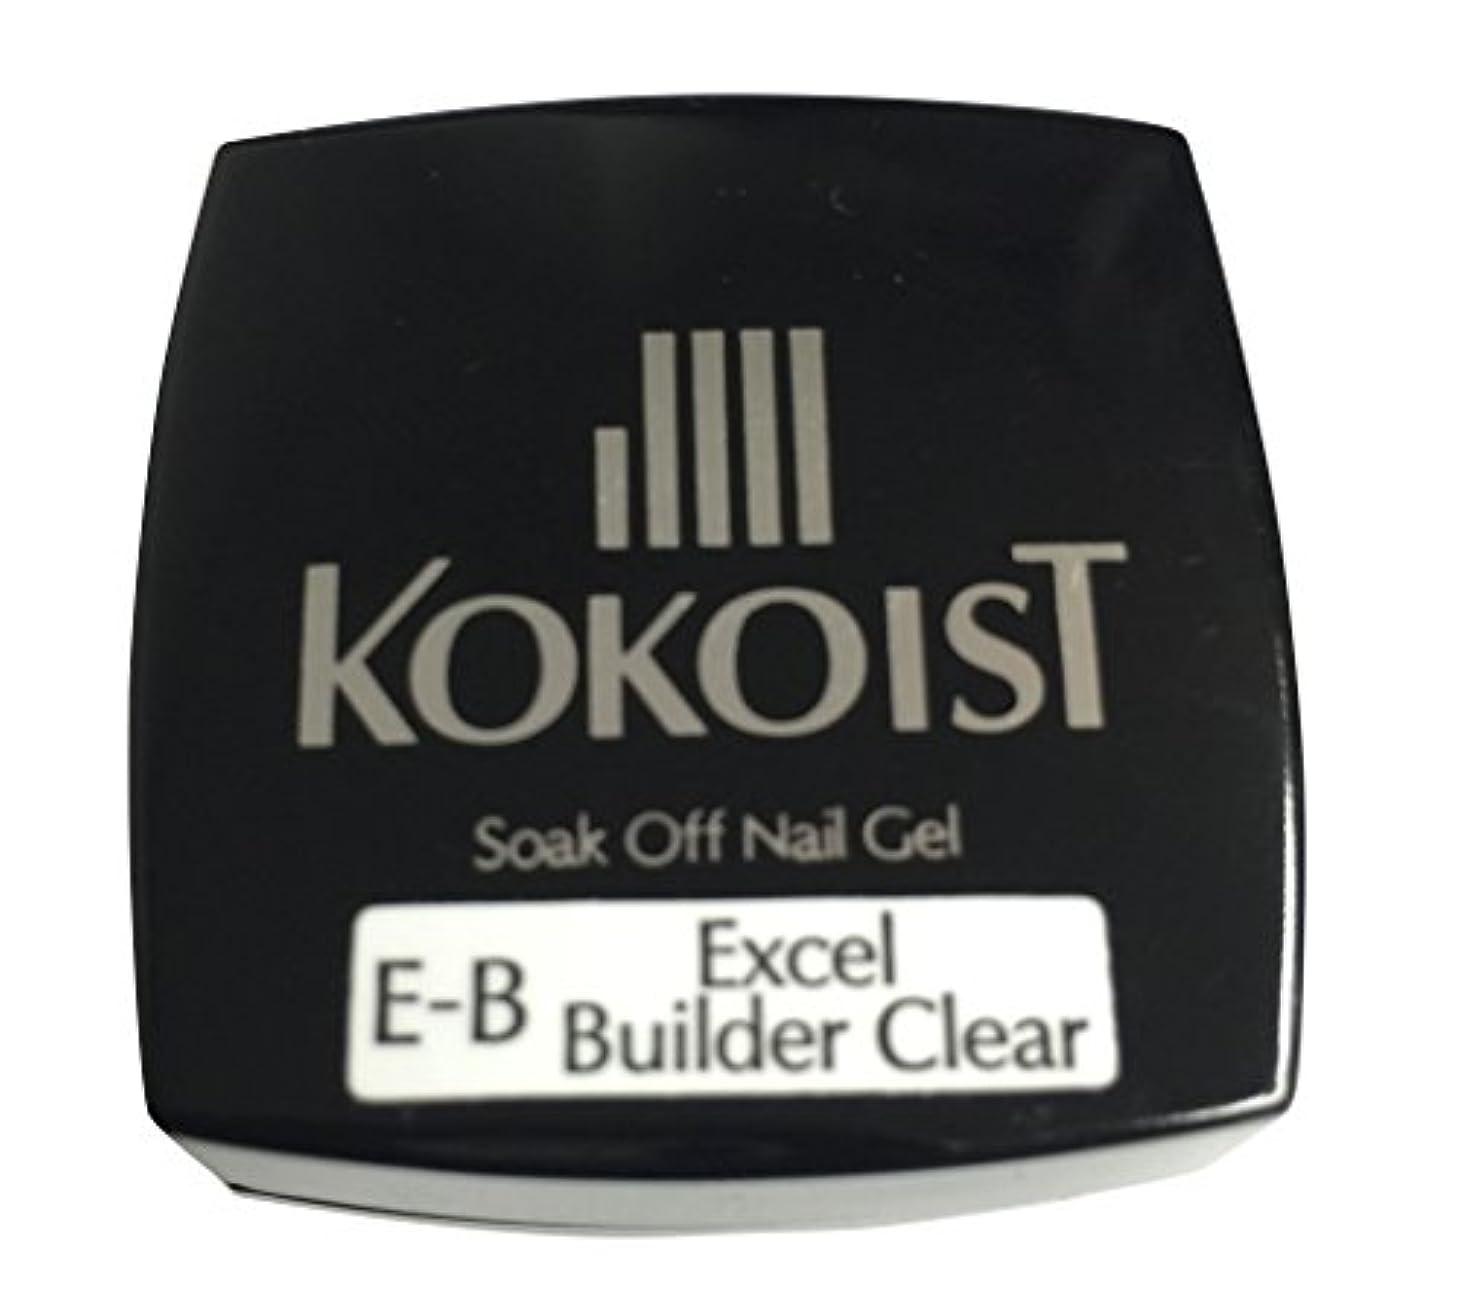 粘液効能ブリークKOKOIST(ココイスト) ソークオフクリアジェル エクセルビルダー  4g